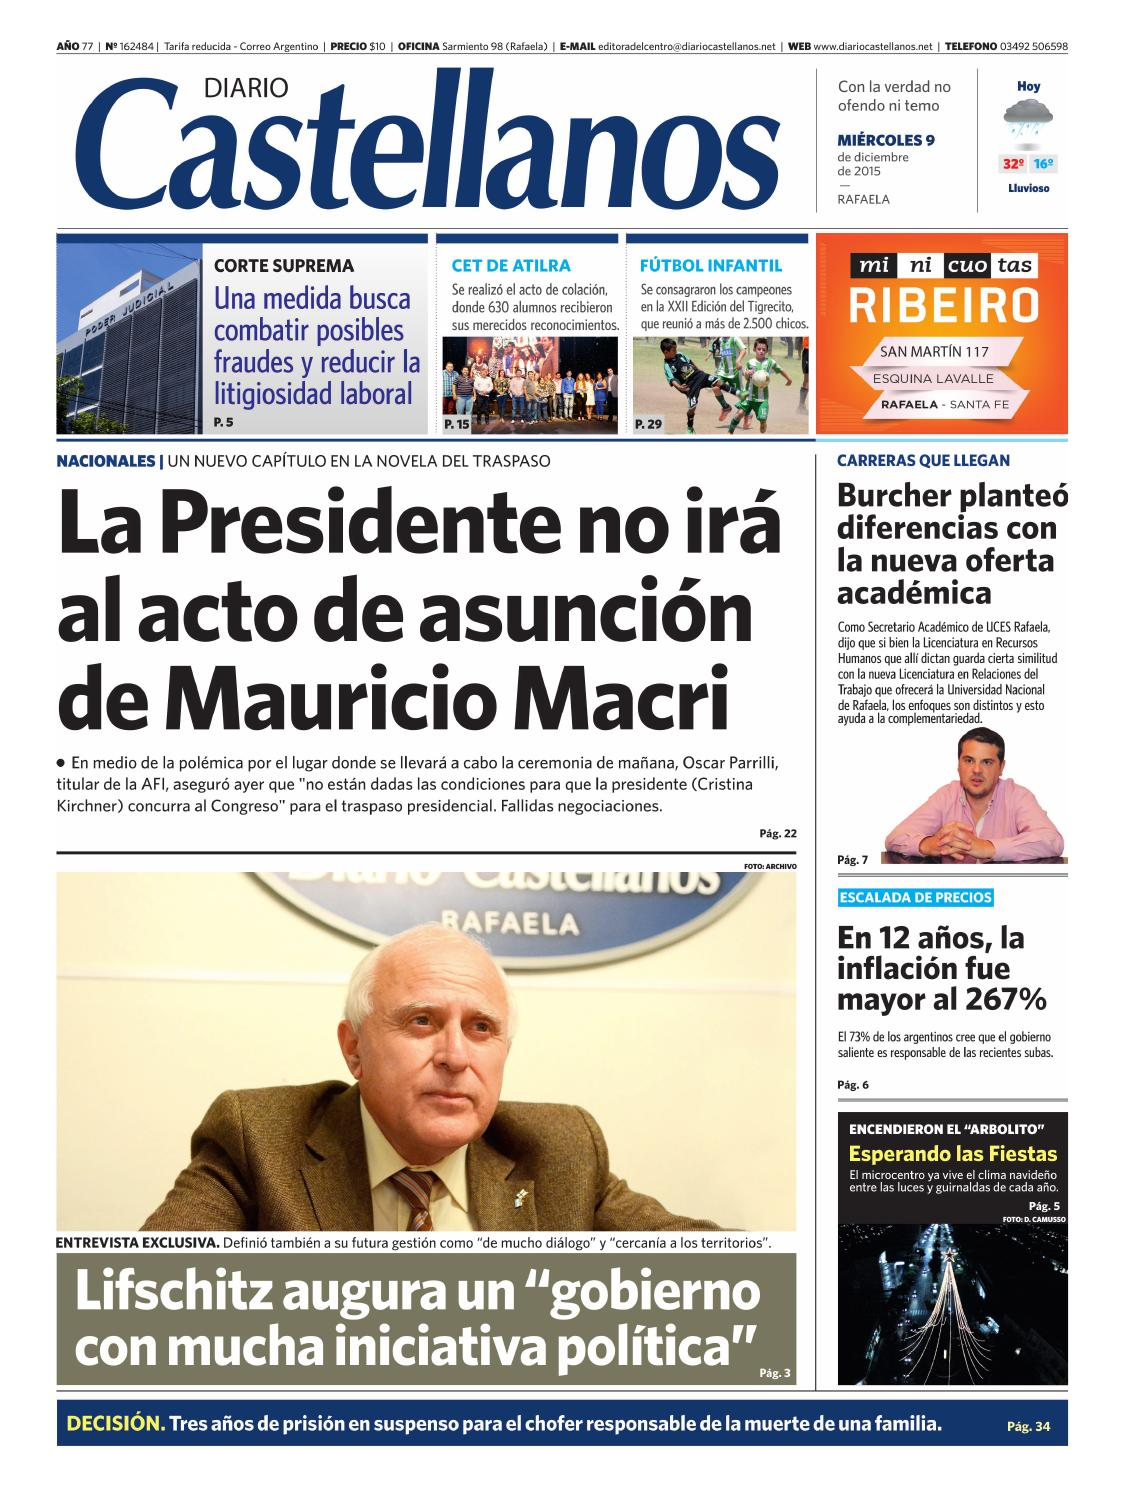 Diario Castellanos 09 12 by Diario Castellanos - issuu a3a1b506a8ba7